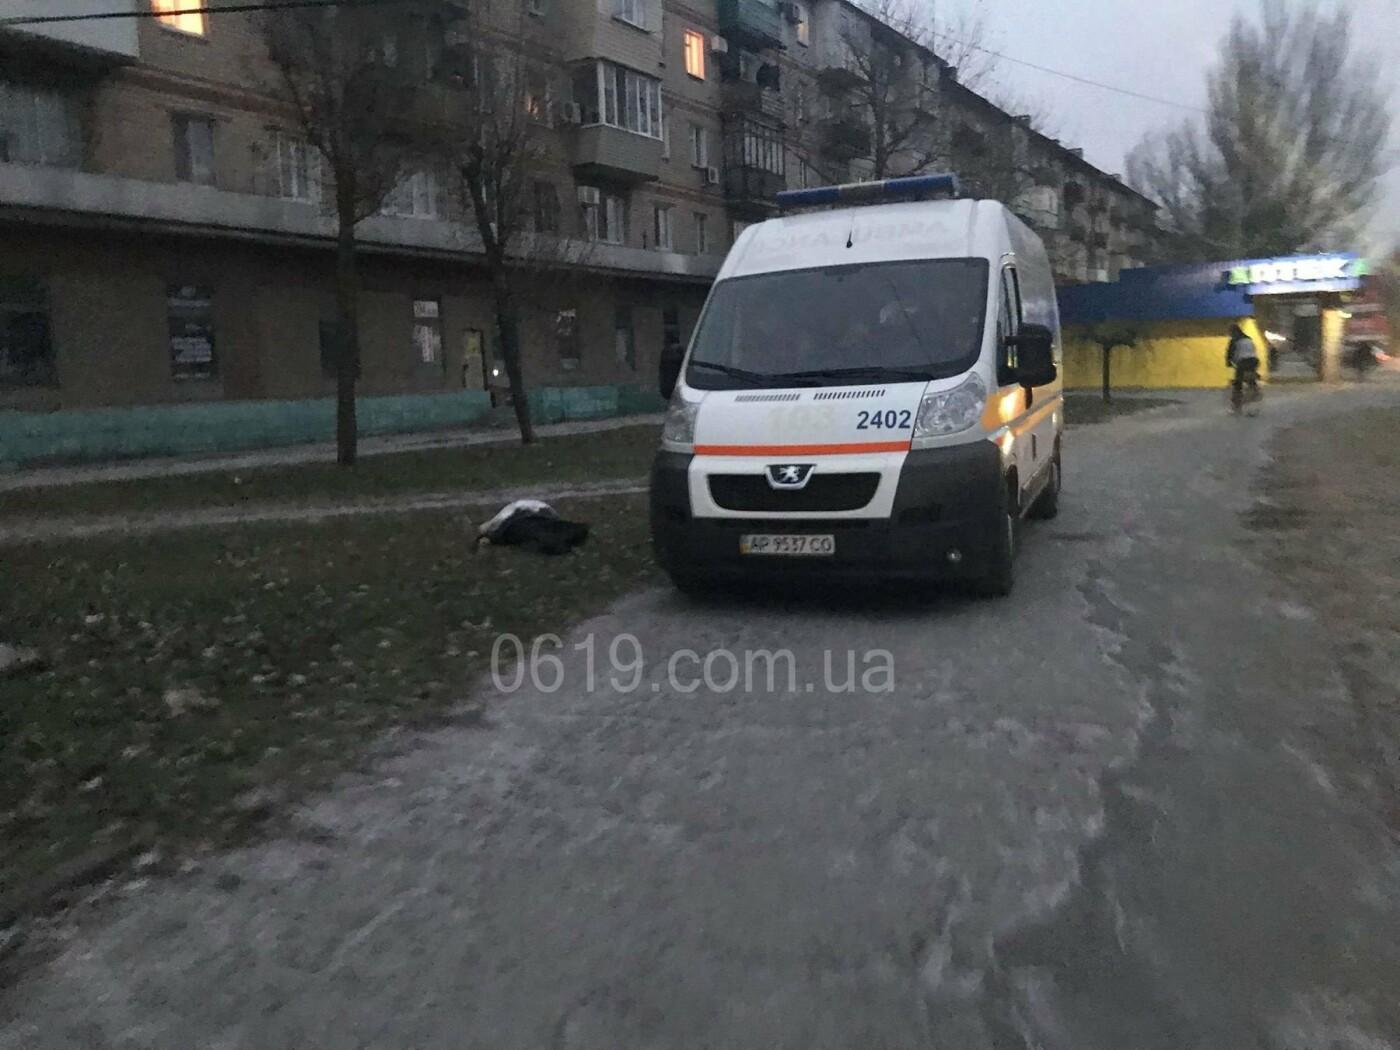 В Мелитополе тело мертвого мужчины не забирают с улицы из-за отсутствия полиции, - ФОТО, фото-1